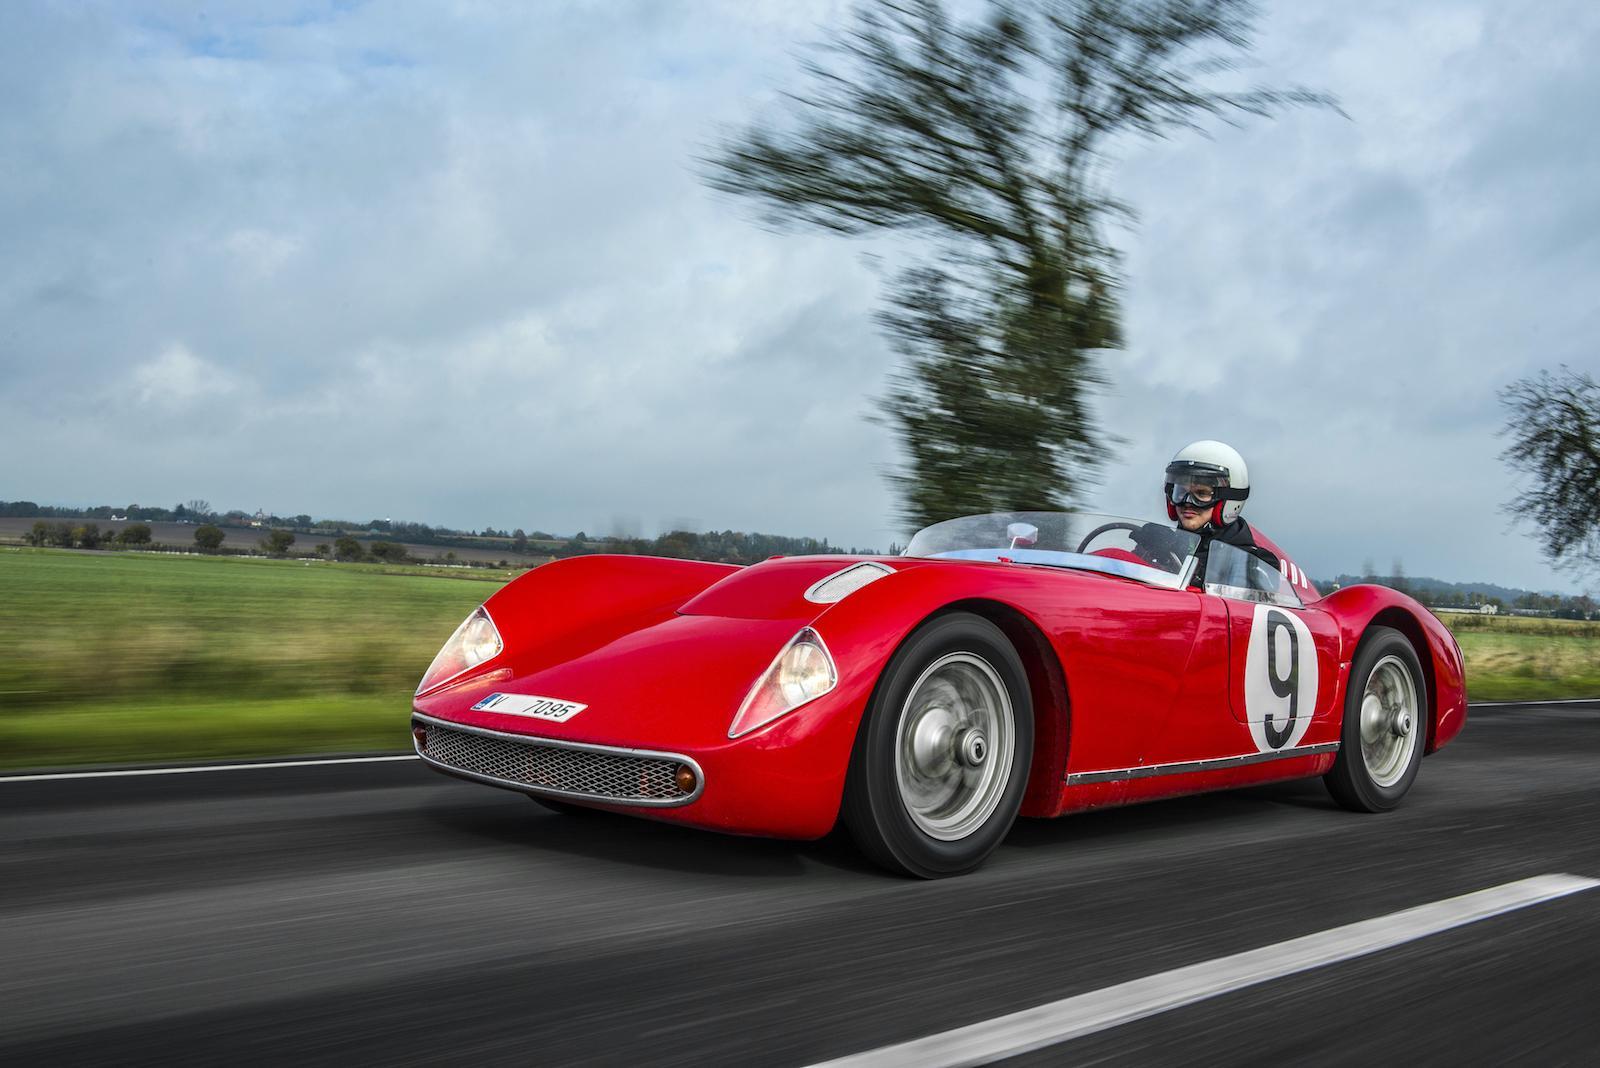 Skoda's Iron Curtain racer